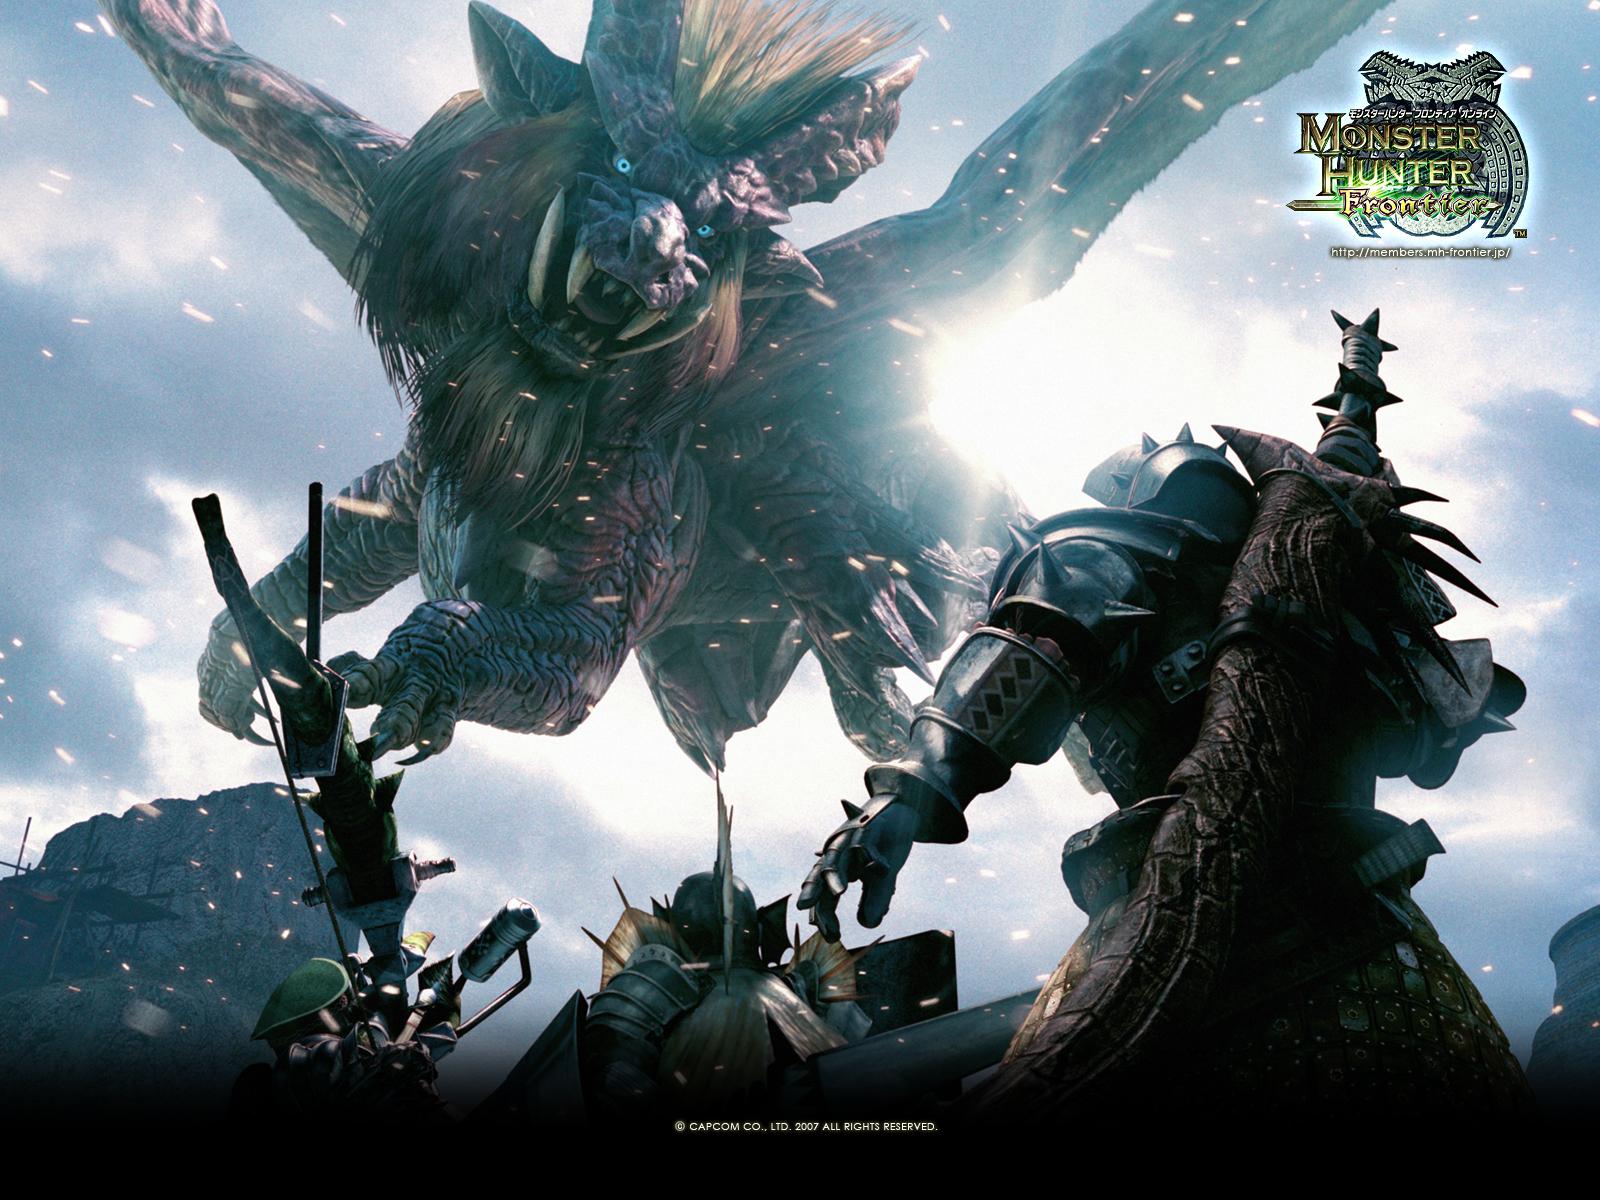 Monster Hunter Festa Wraps Up